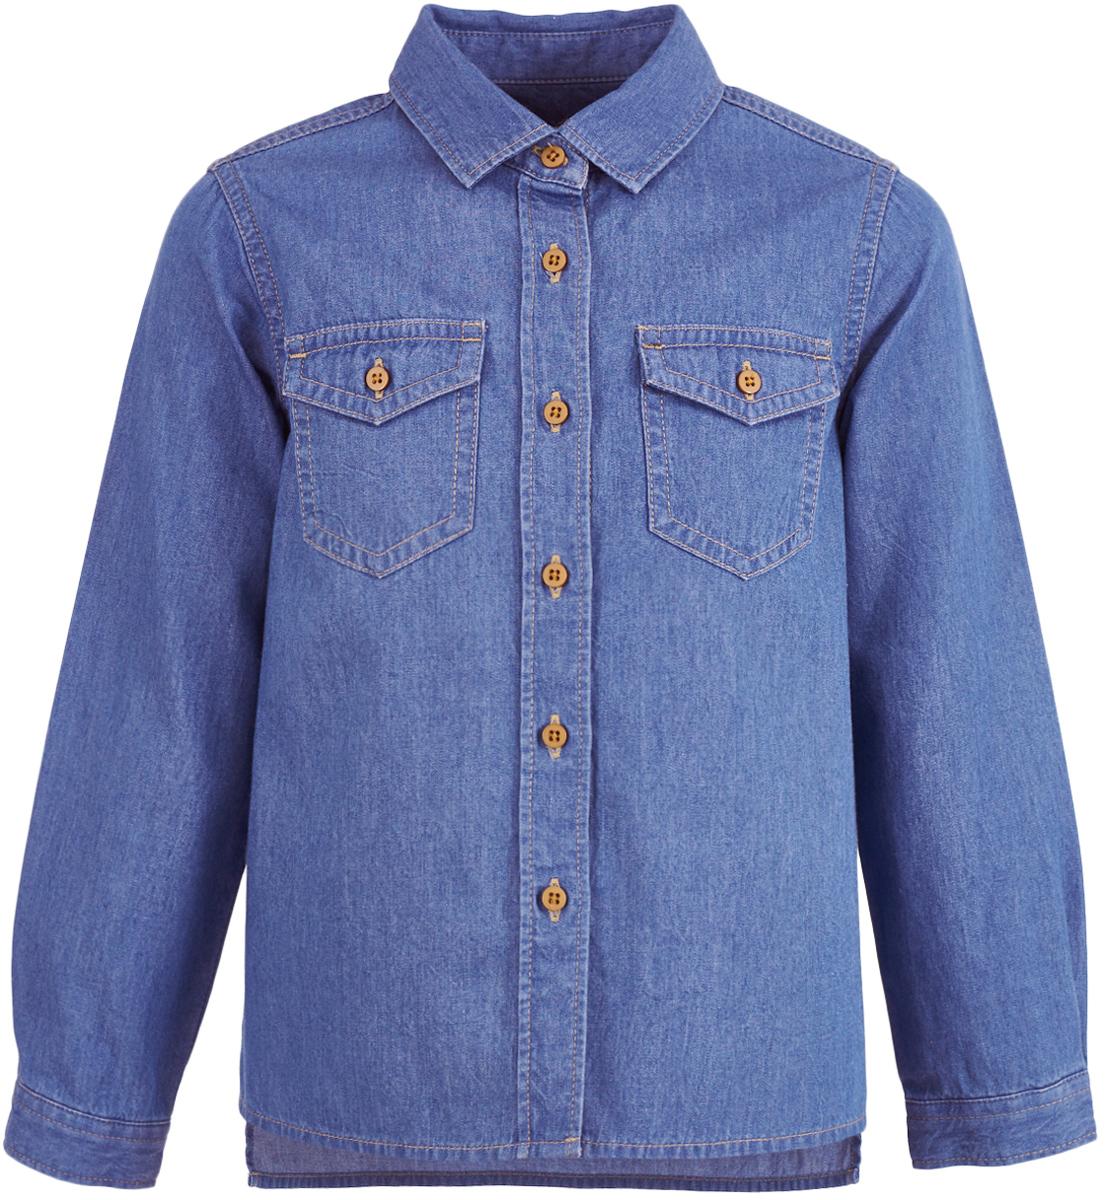 Рубашка для девочки Button Blue, цвет: голубой. 217BBGC2301D200. Размер 134, 9 лет217BBGC2301D200Модная рубашка для девочки должна выглядеть именно так: свободный прямой силуэт и мягкая, приятная на ощупь джинсовая ткань. Ваша задача купить рубашку недорого увенчается успехом, если вы обратите внимание на прекрасную рубашку от Button Blue. Дети быстро растут и часто меняют свои вкусовые предпочтения, поэтому всем практичным родителям надо приобретать детские рубашки недорого, чтобы обеспечить ребенку должное разнообразие. Классная джинсовая рубашка для девочки сделает образ ребенка стильным и свежим, соответствующим основным трендам сезона.